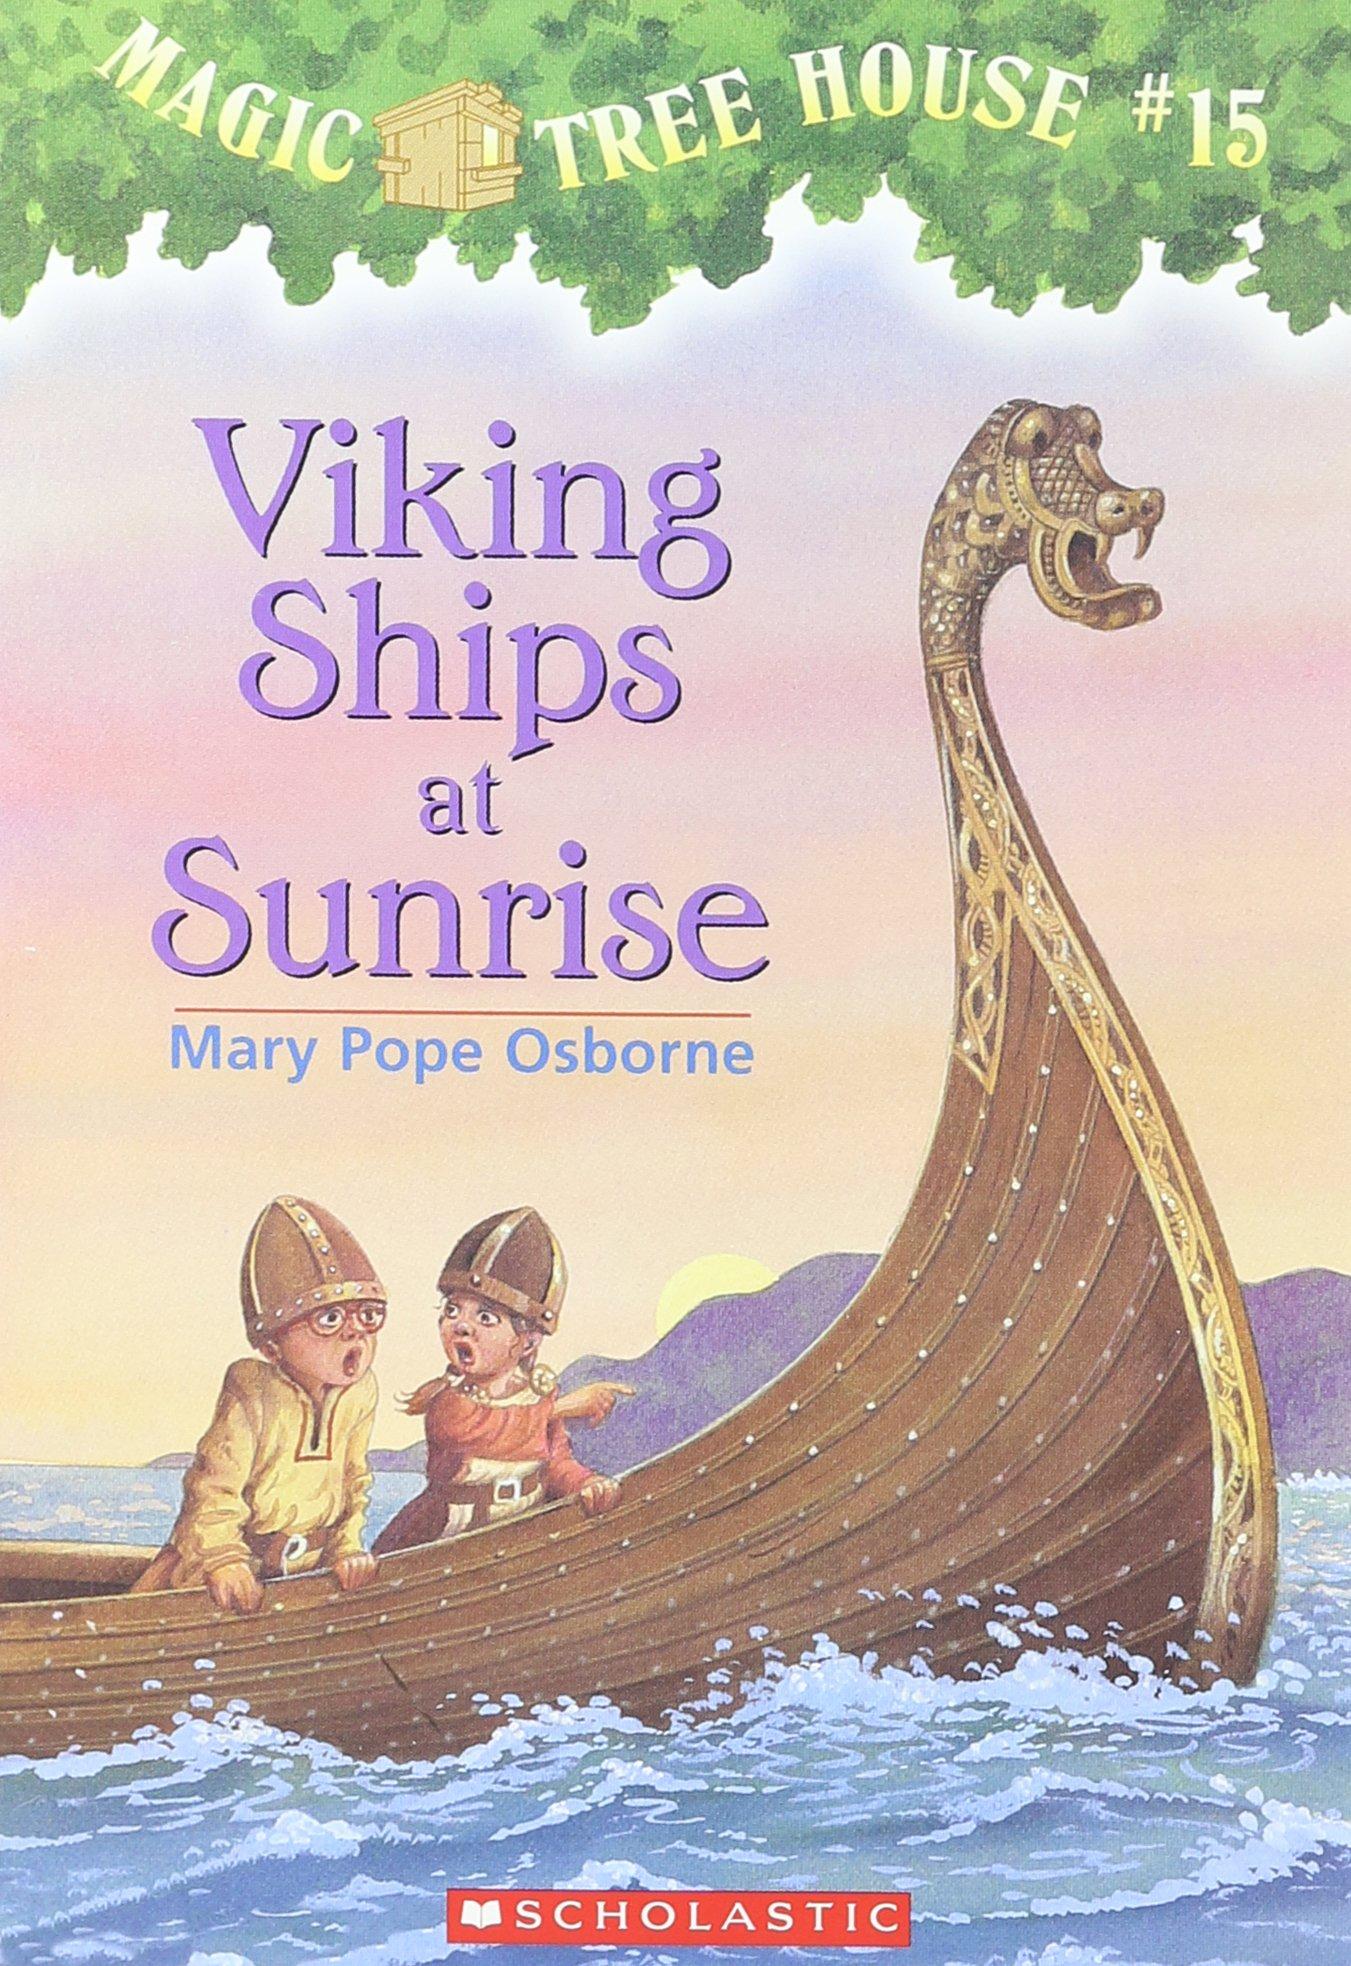 Viking Ships Sunrise Magic House product image